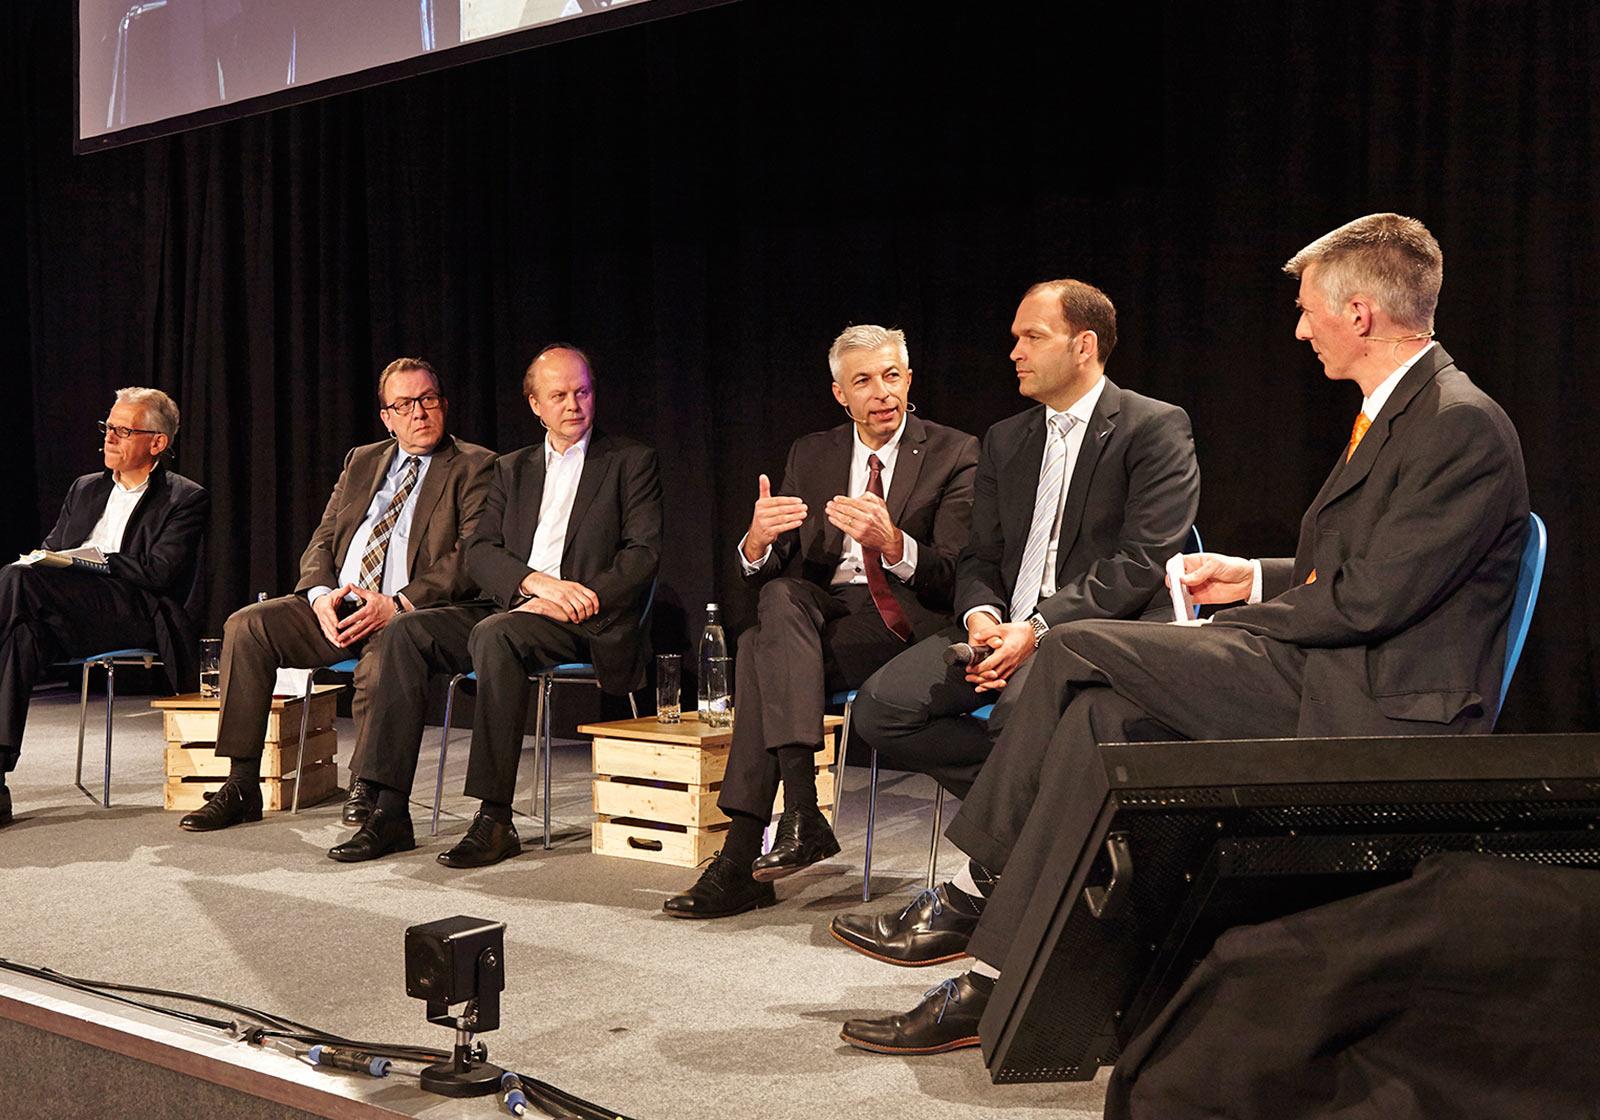 Die Teilnehmer der Diskussion v.l.n.r.: Jürgen Lauber, Achim Zeller, Alfred Schelenz, Gerd Maurer, Gunther Gamst, Christoph Brauneis. Foto: DAIKIN